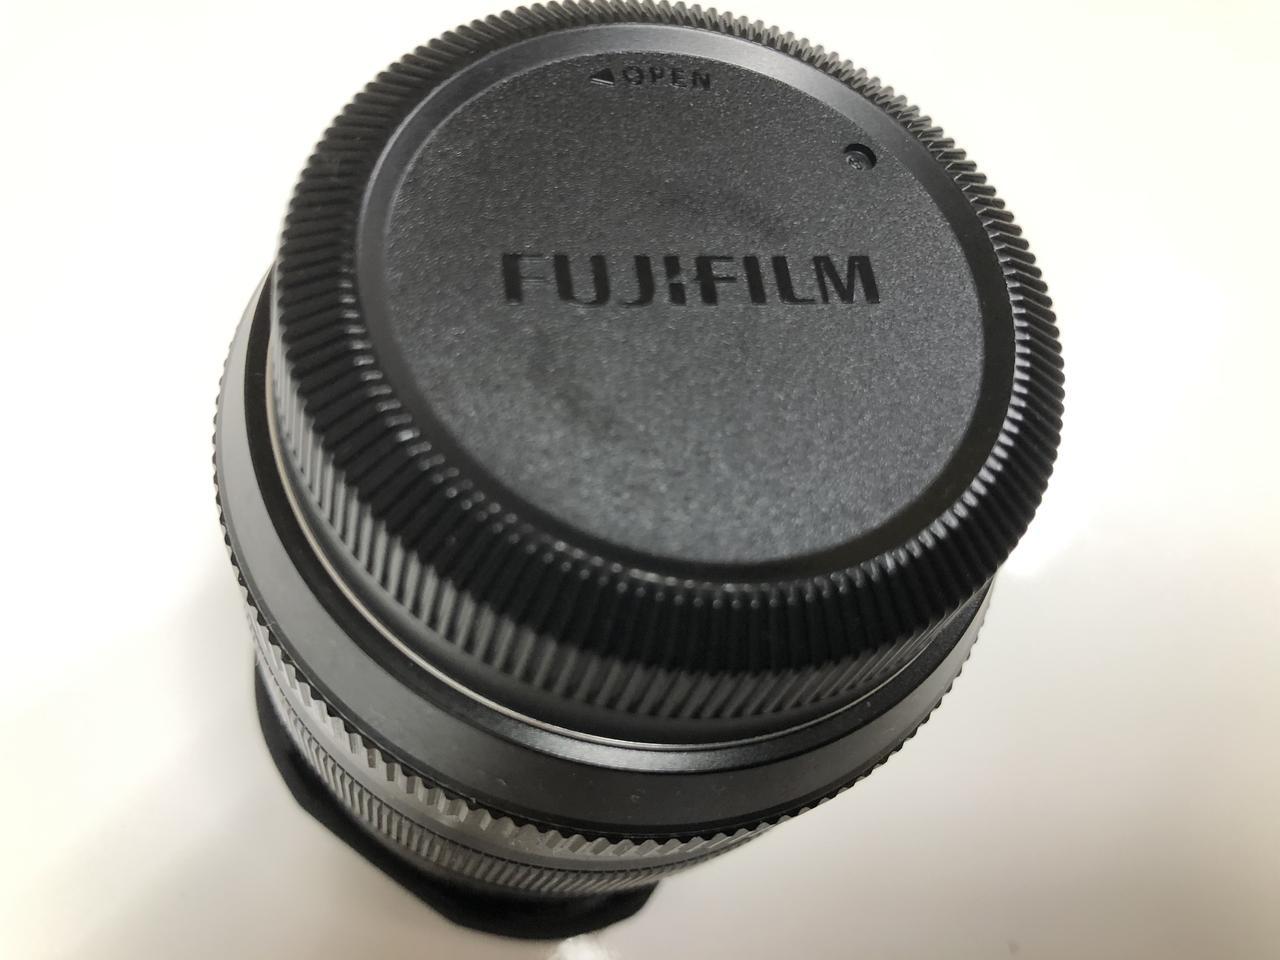 画像: FUJIFILMの純正レンズ